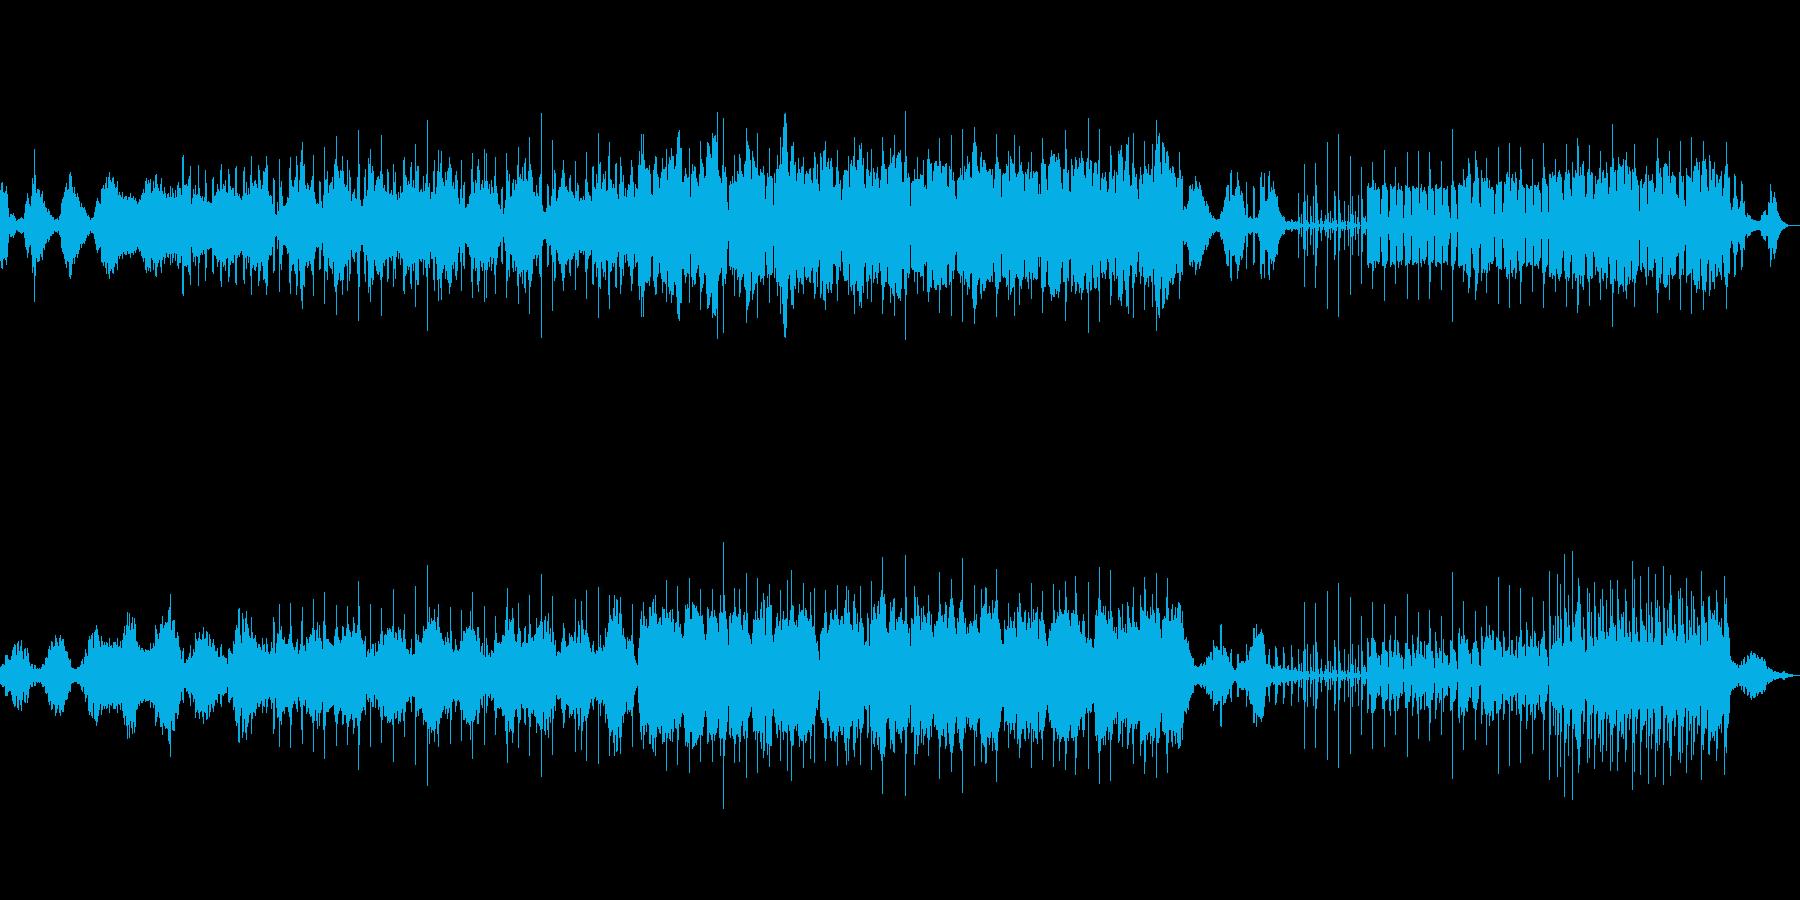 神秘的で切ないエレクトロサウンドの再生済みの波形